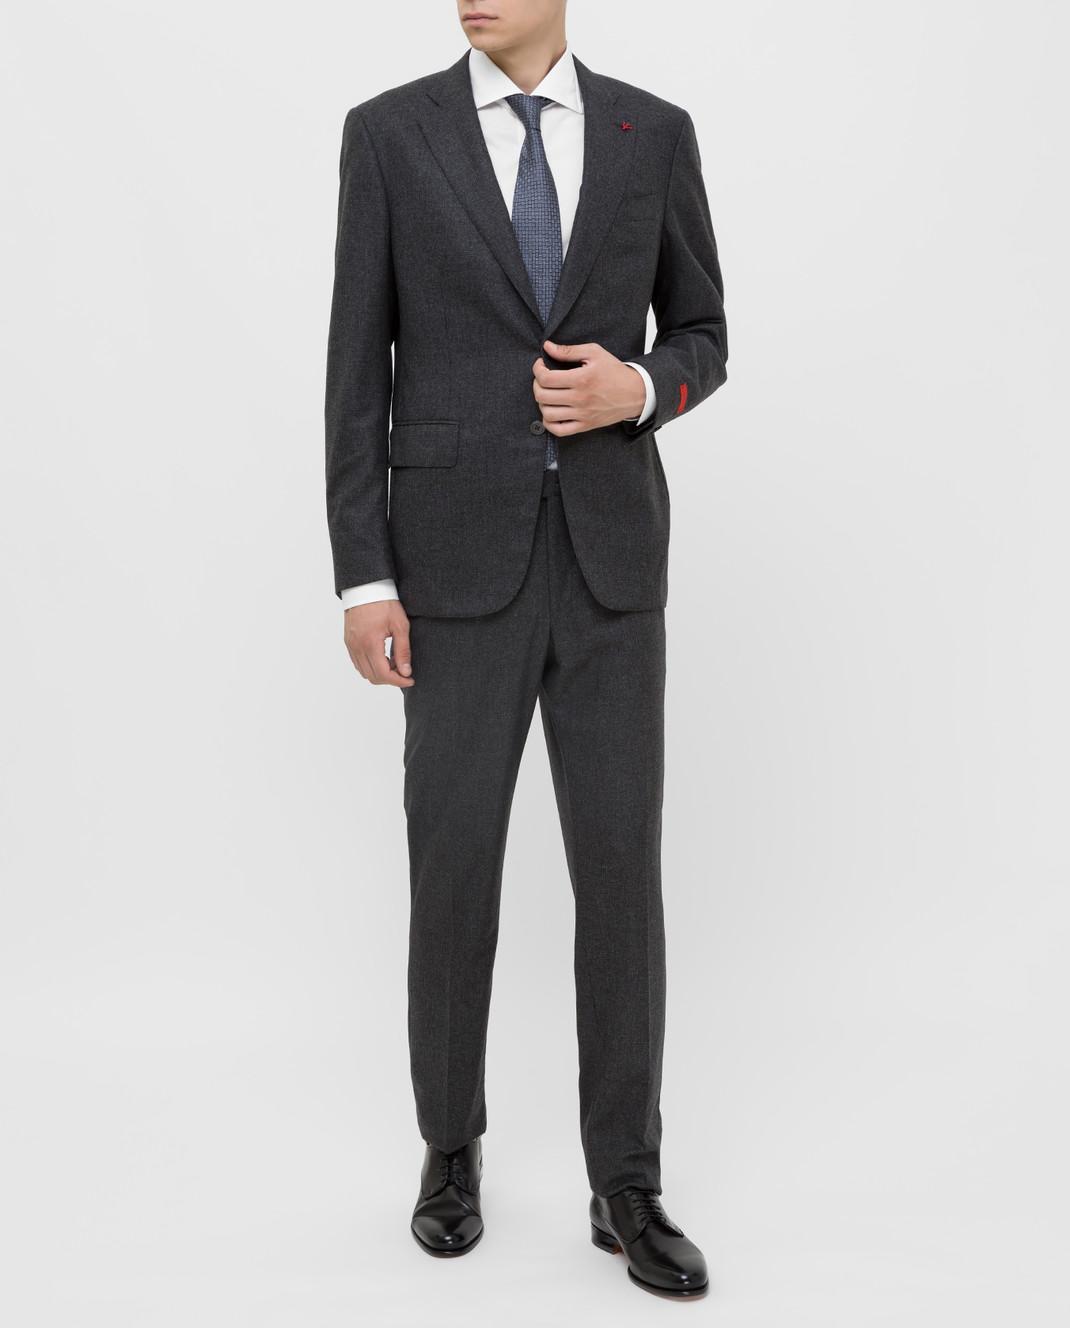 ISAIA Серый костюм из шерсти и кашемира 224ASI89681 изображение 2